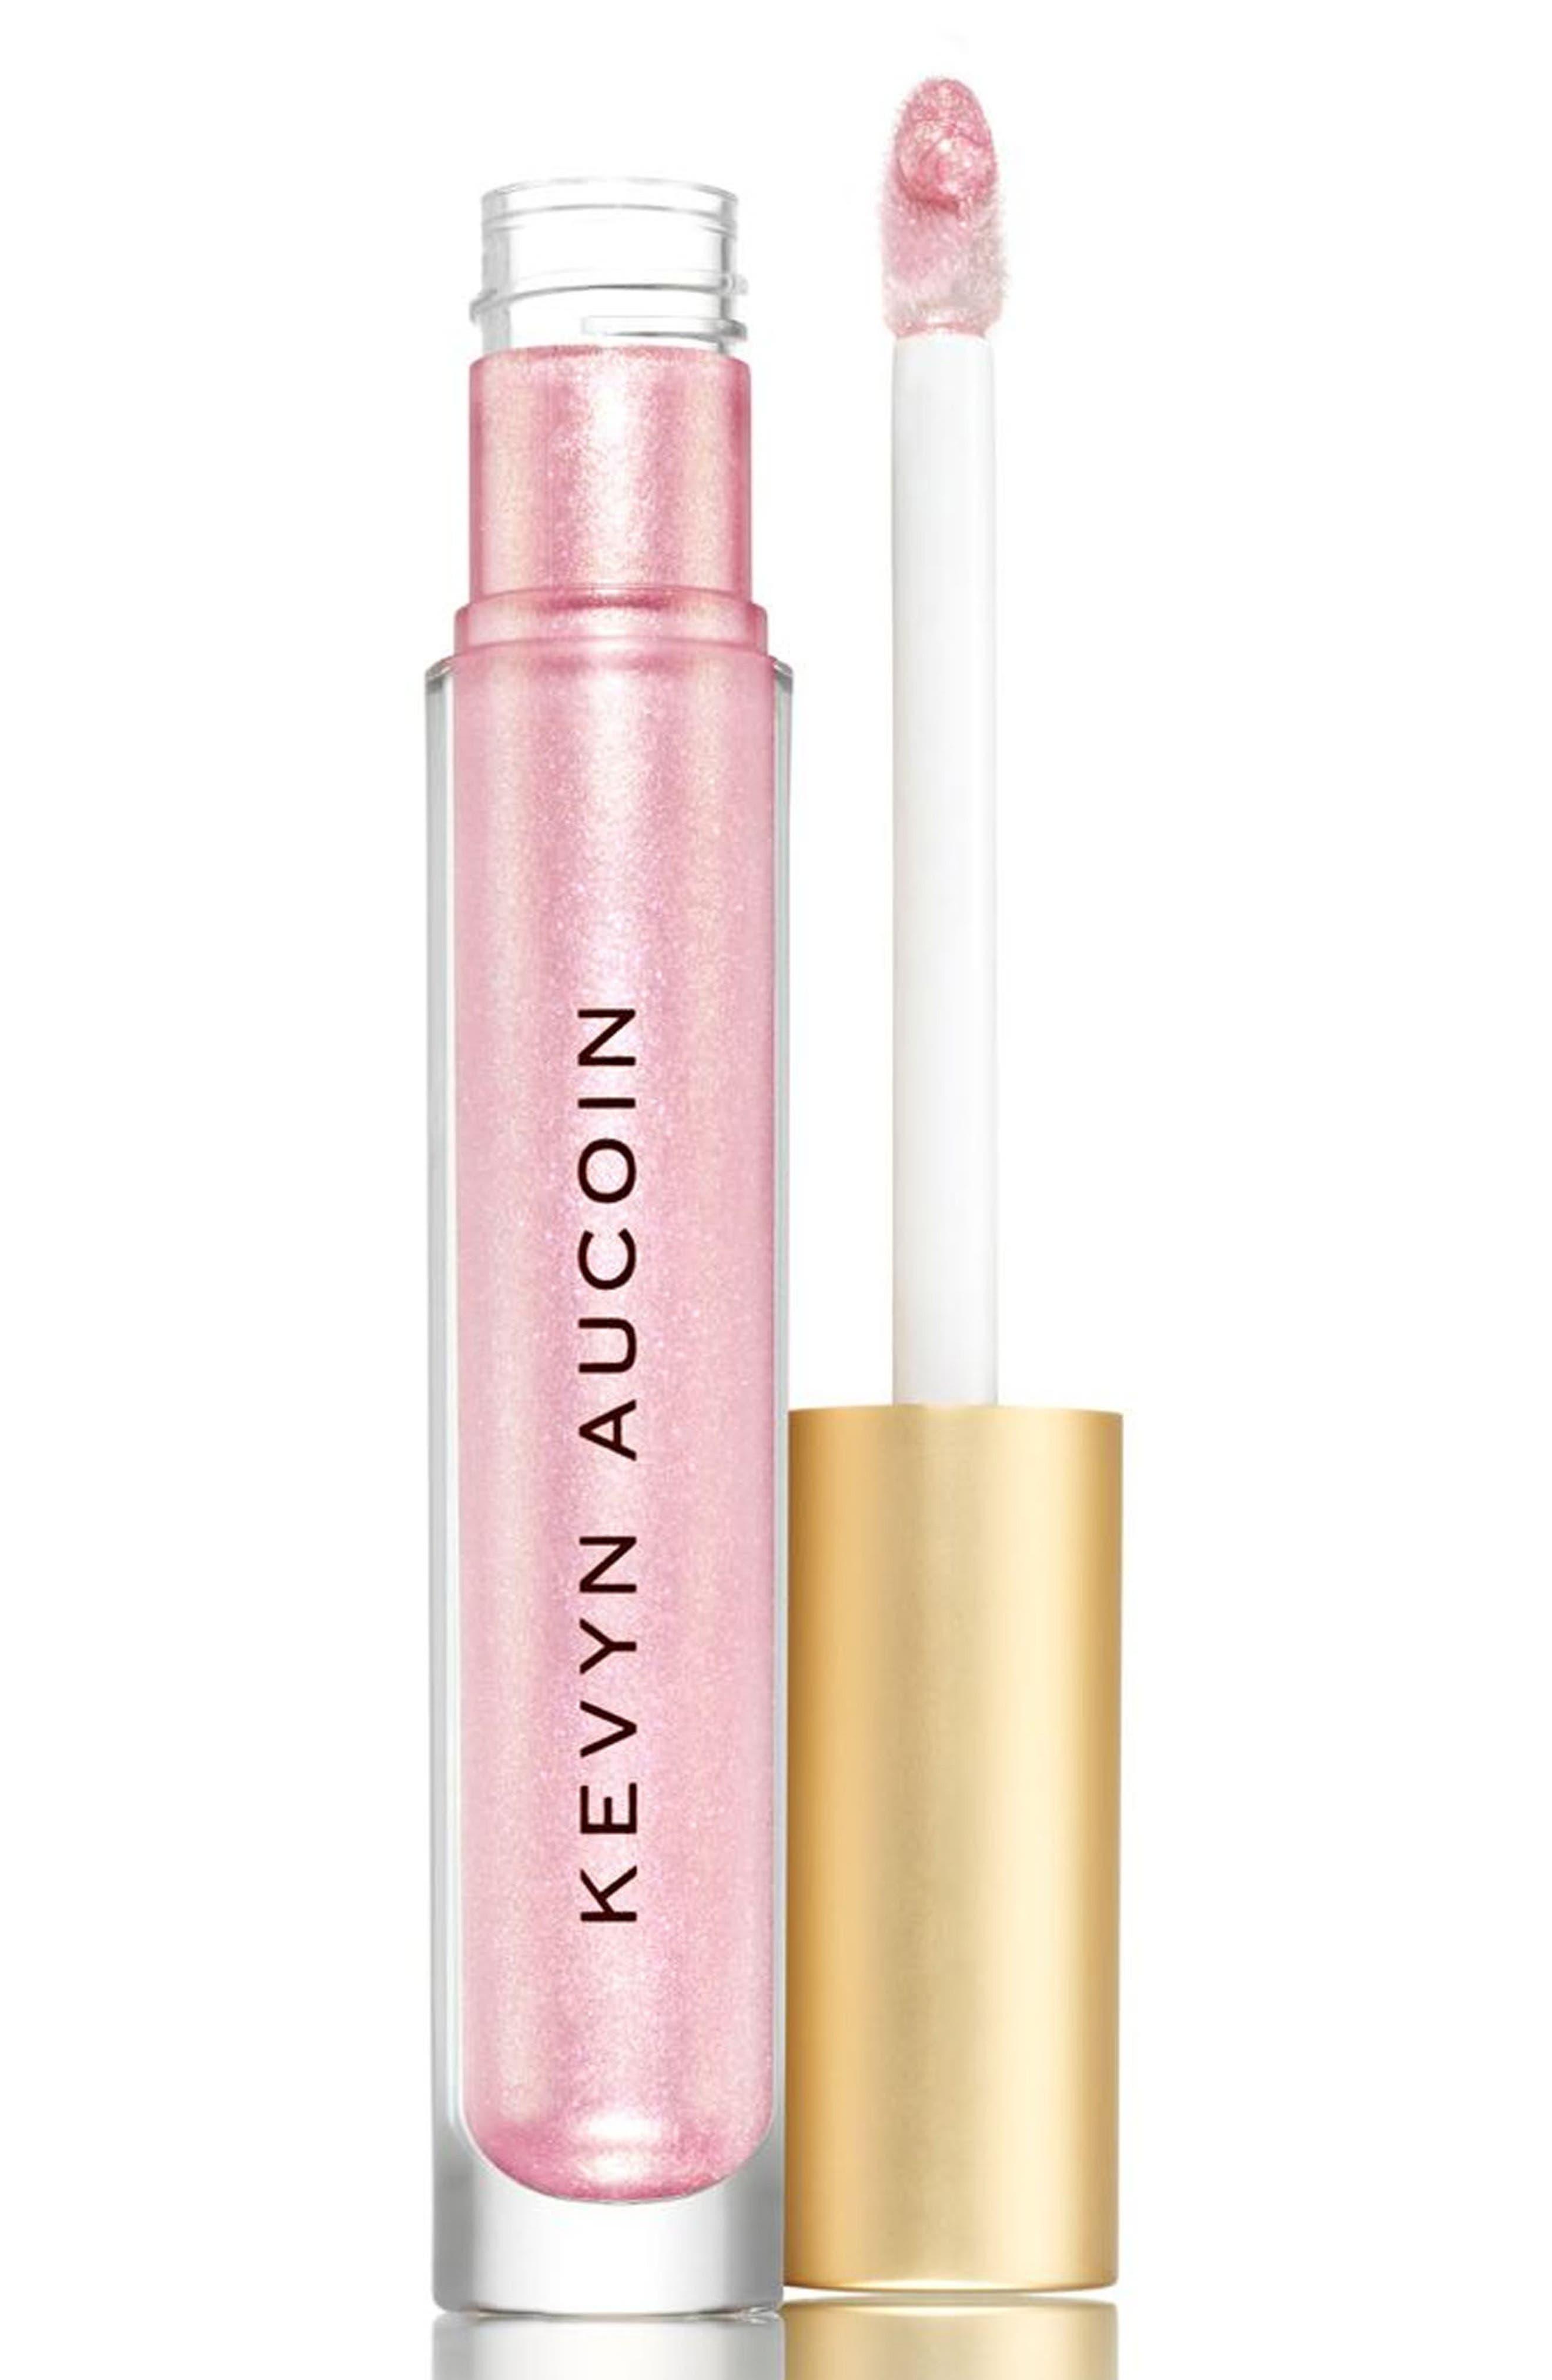 SPACE.NK.apothecary Kevyn Aucoin Beauty Liquid Lip Molten Metals